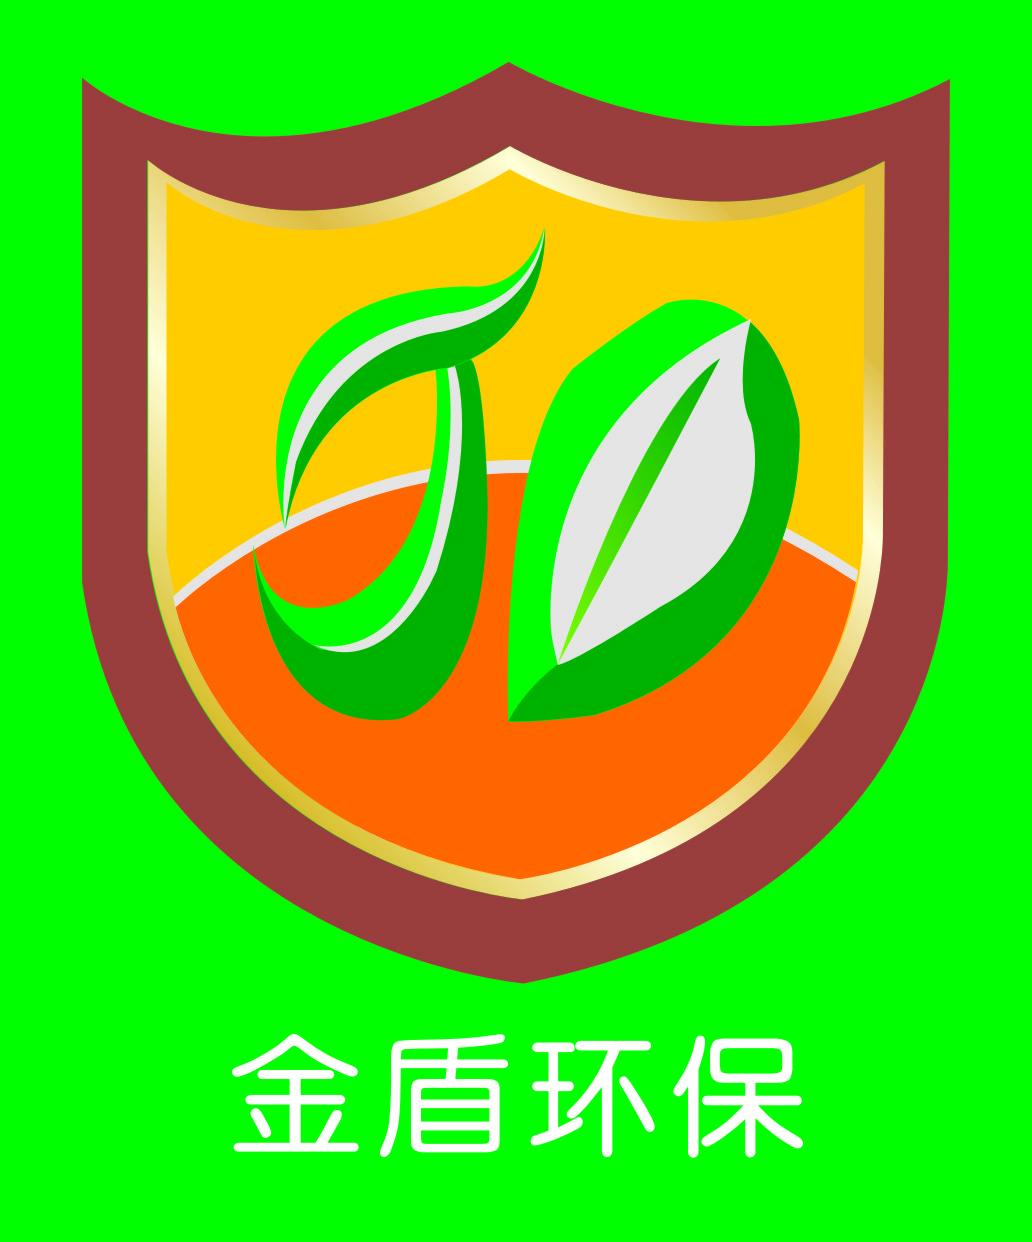 南京金盾环保科技有限公司